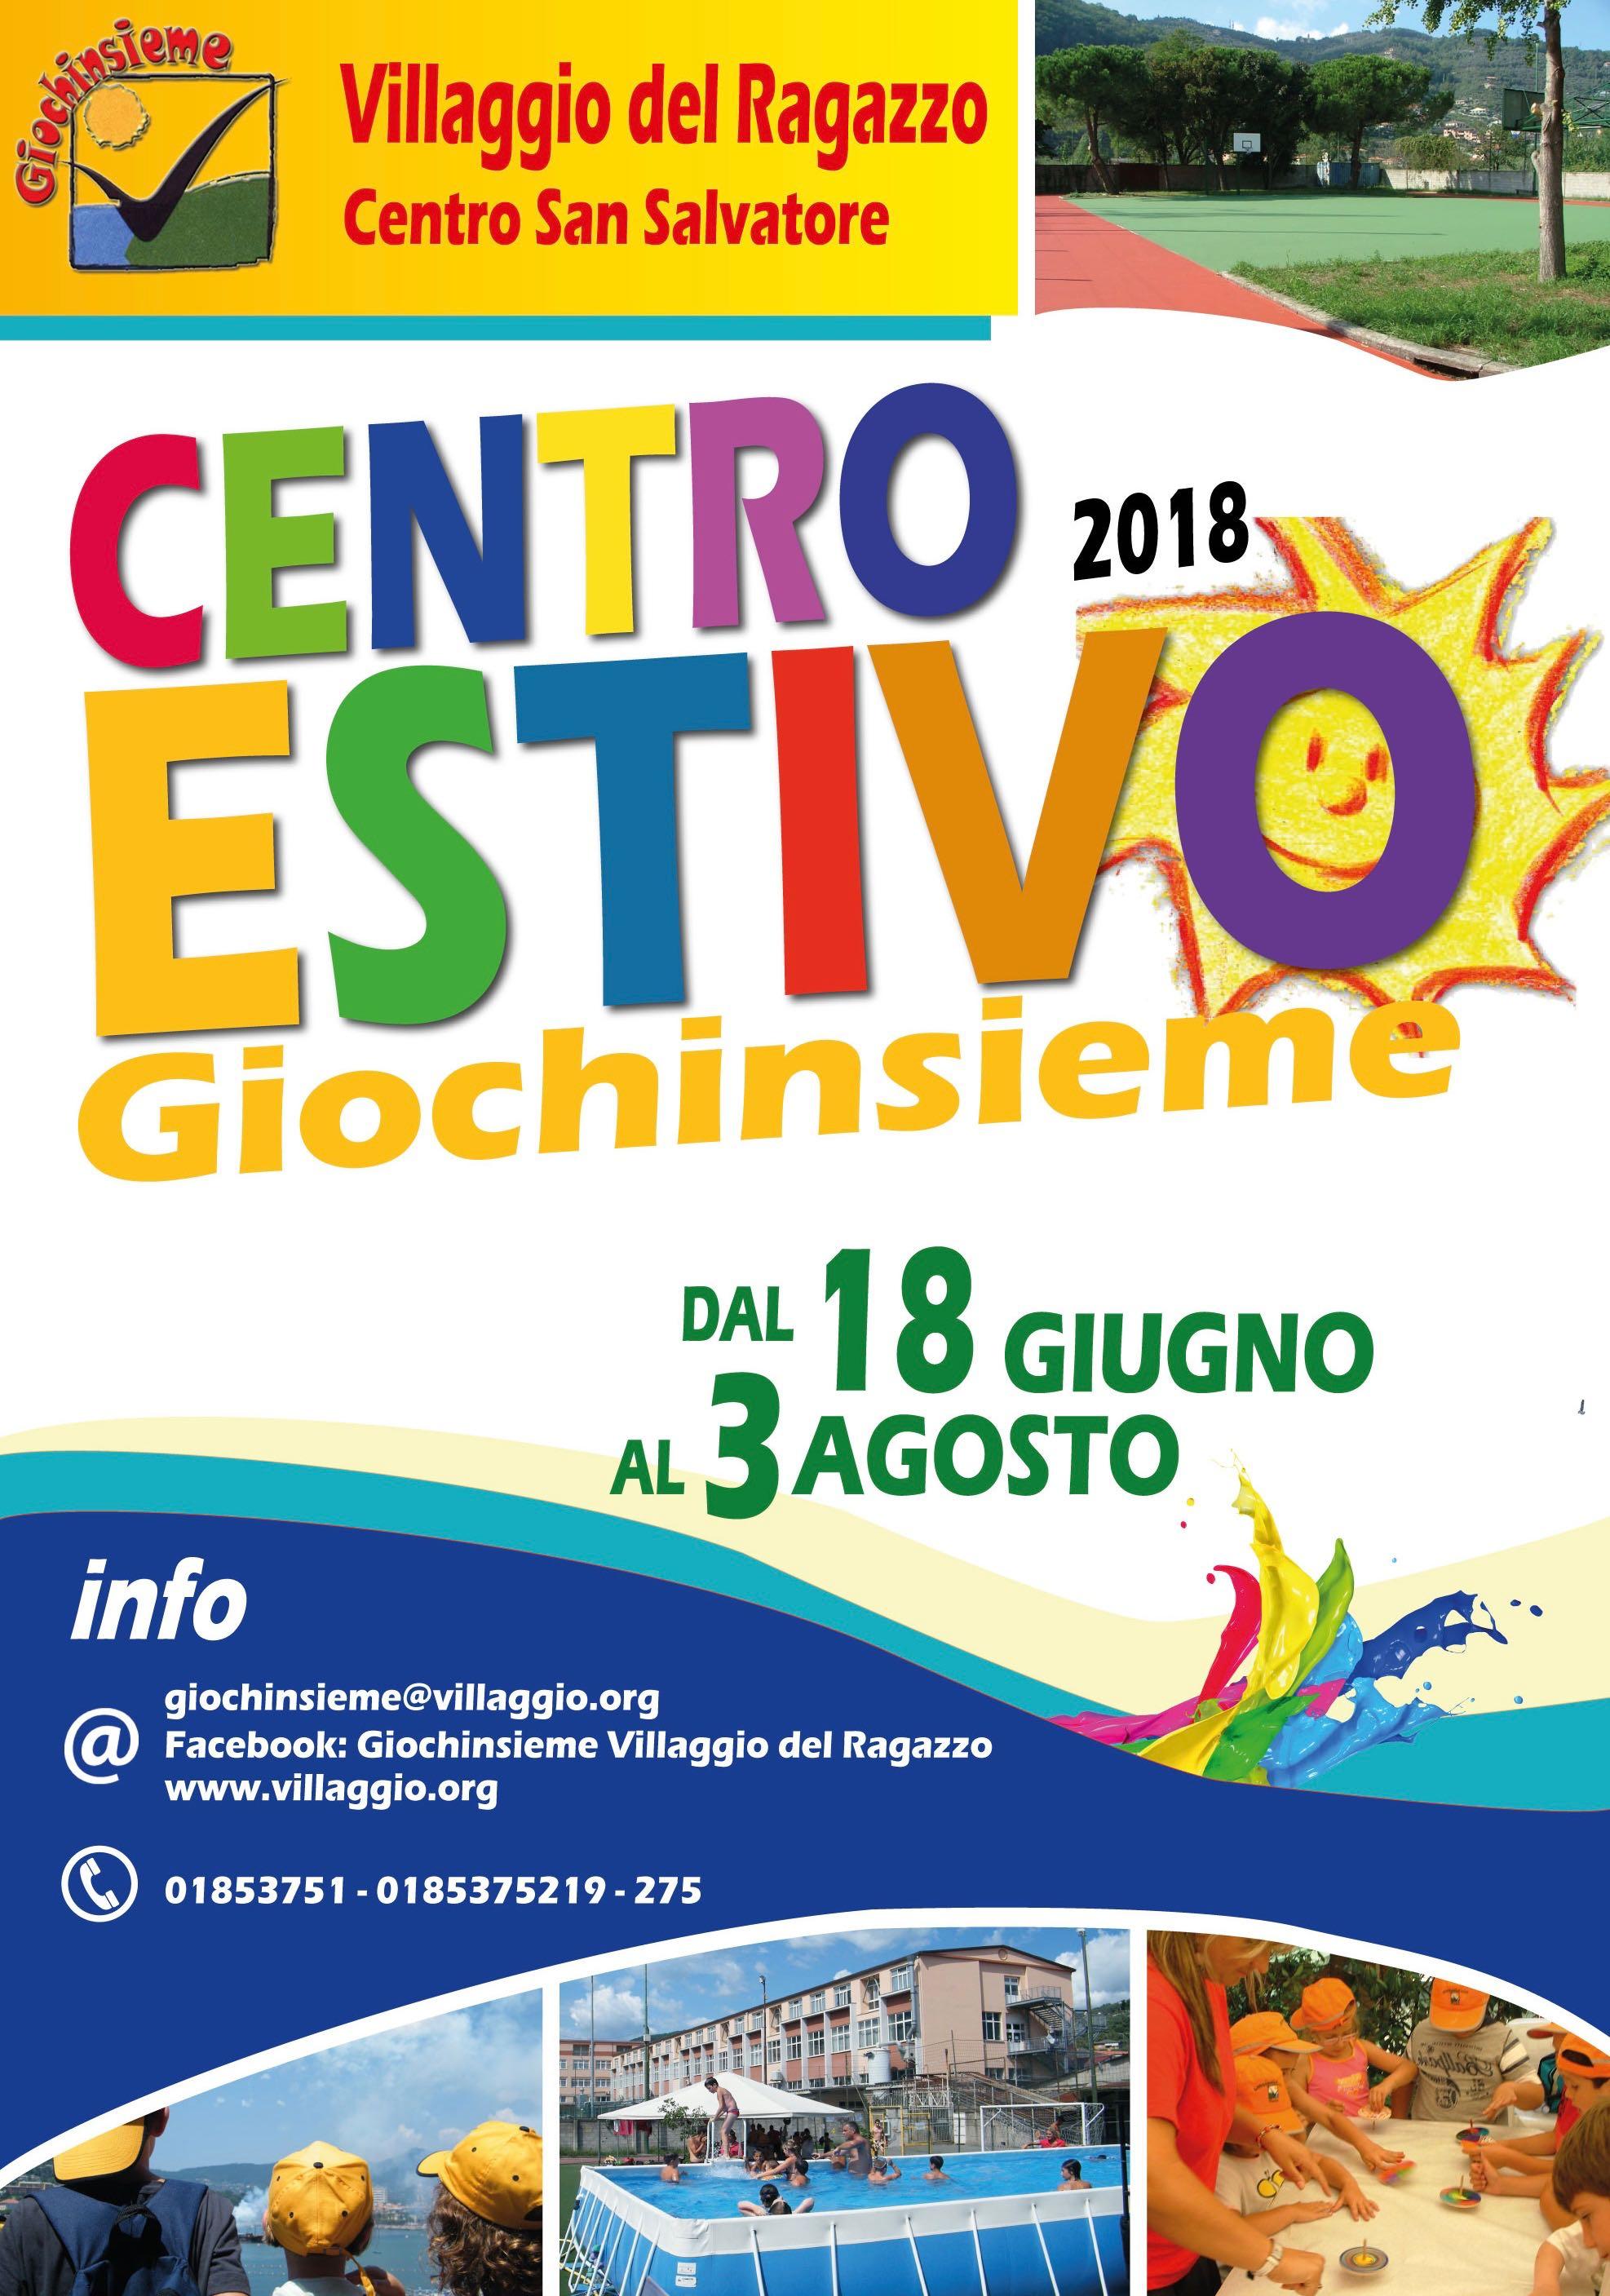 Centro Estivo Giochinsieme 2018 Villaggio del Ragazzo - manifesto